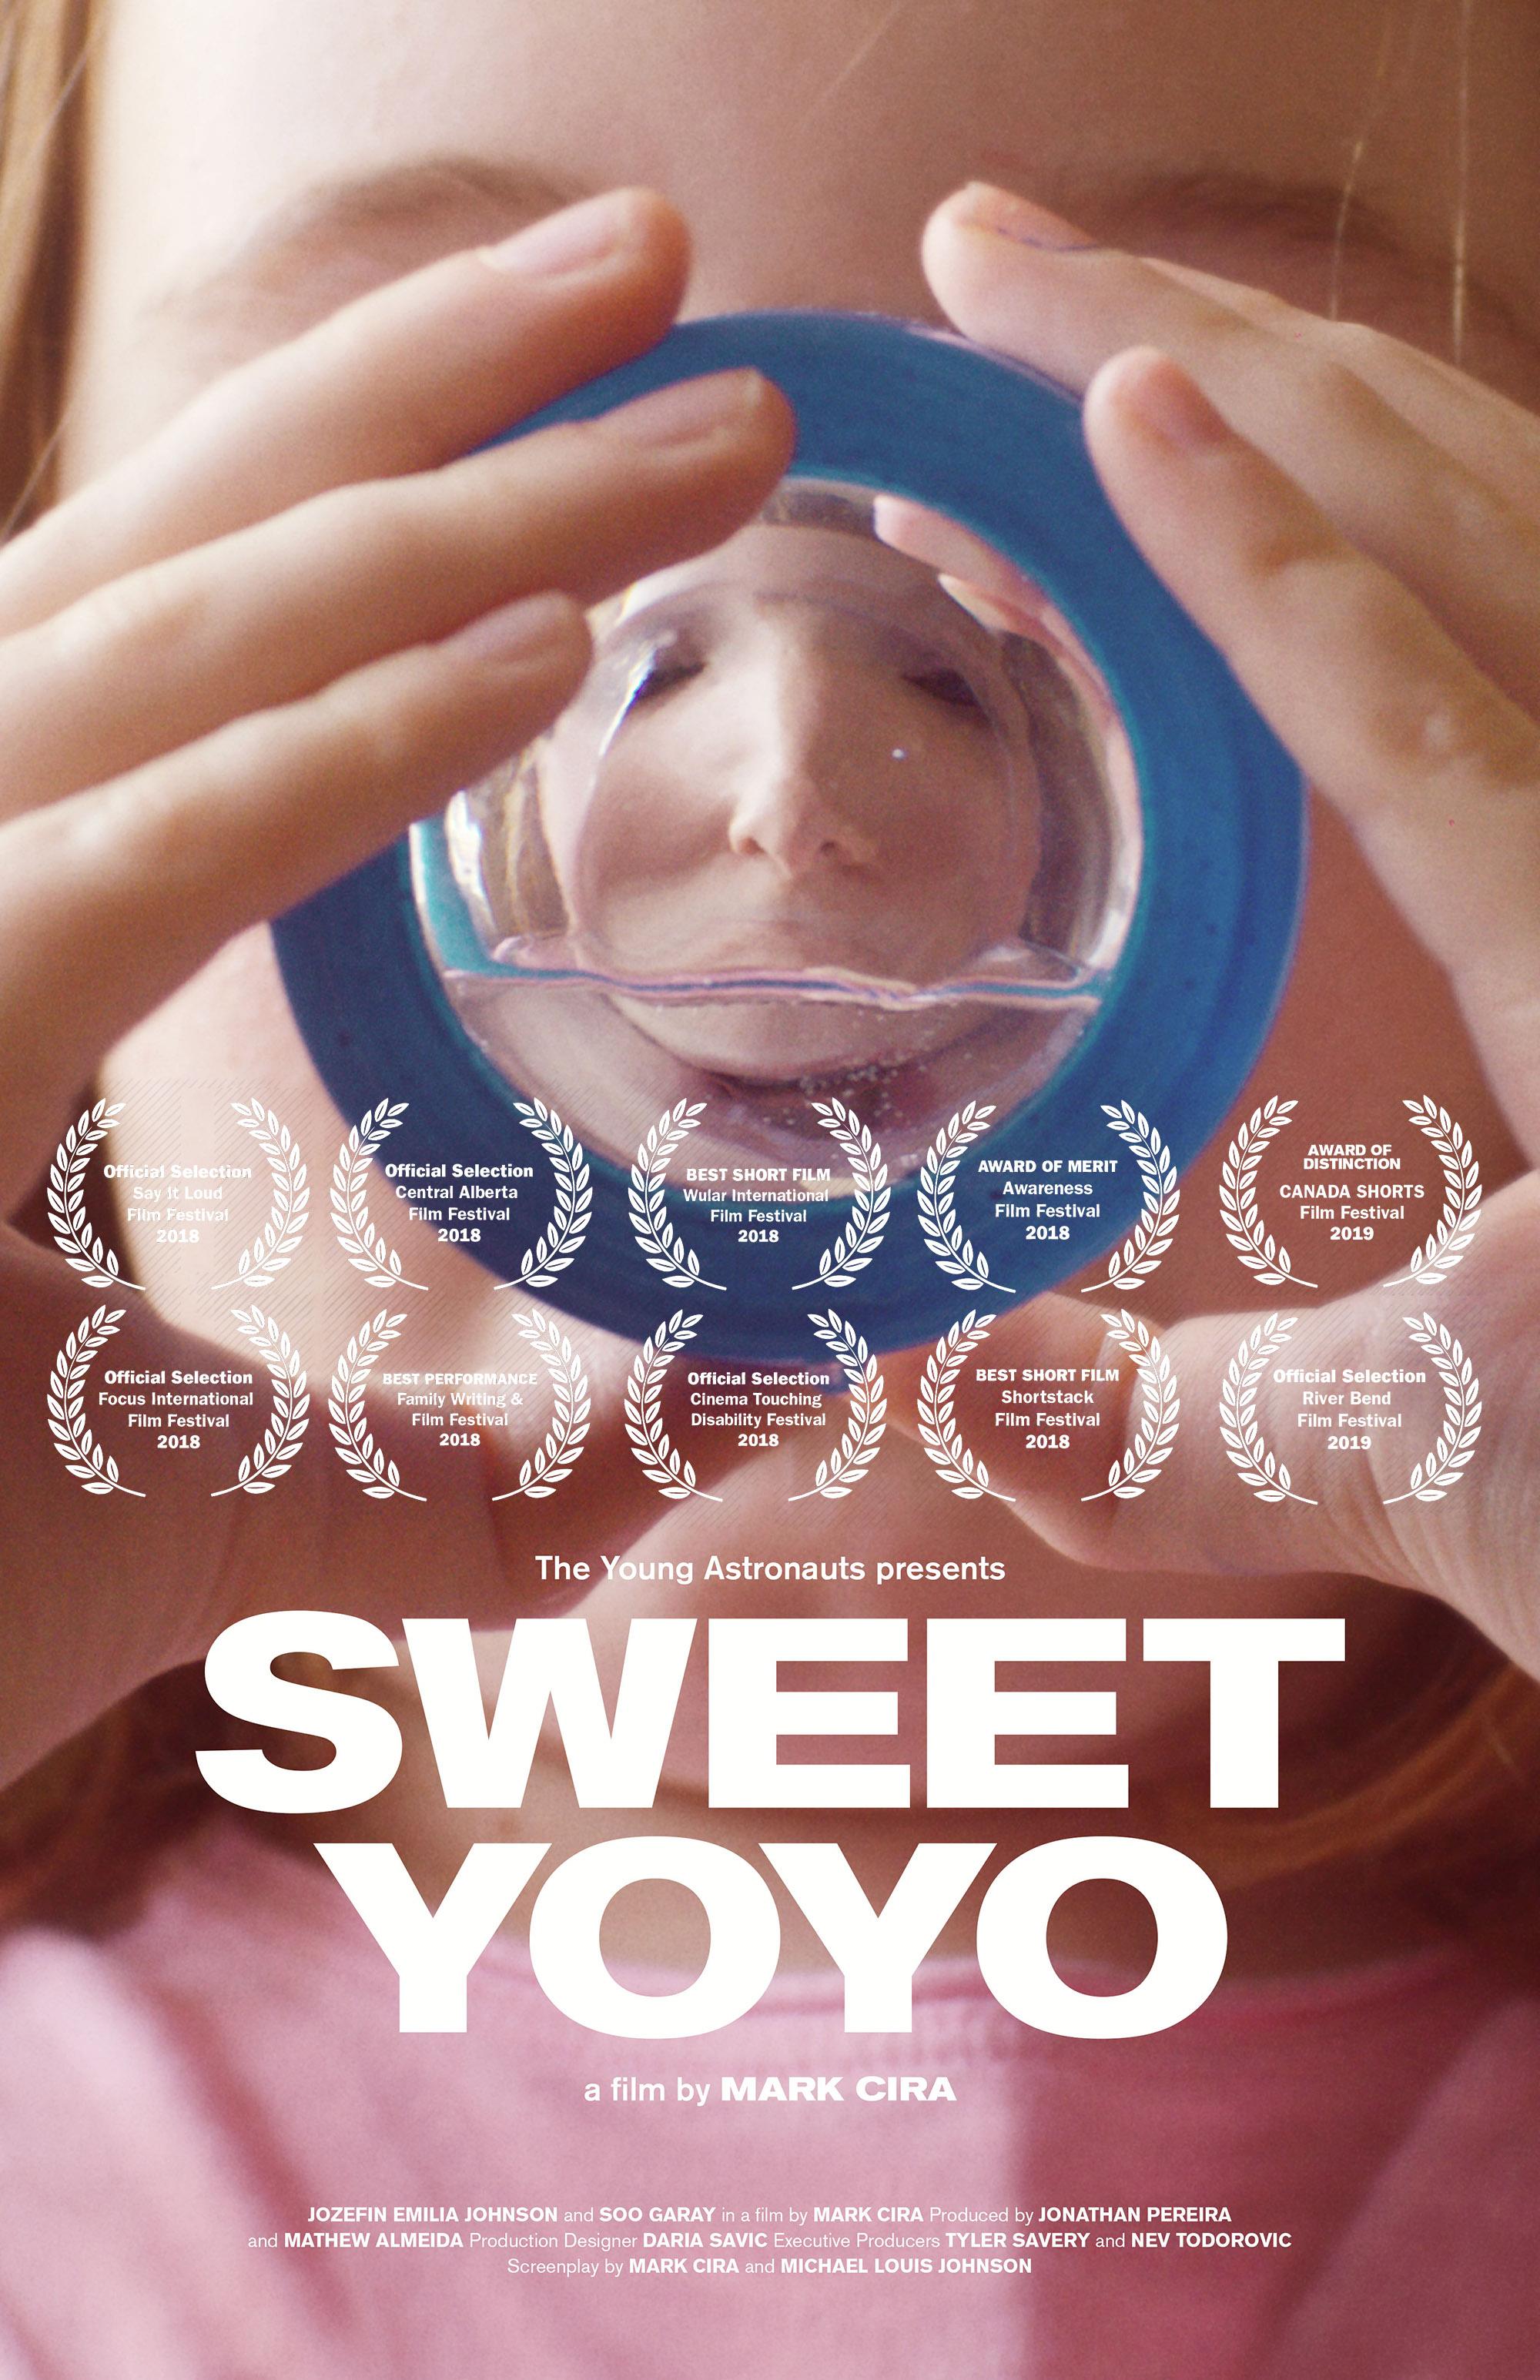 004-SweetYoyo-Poster.jpg